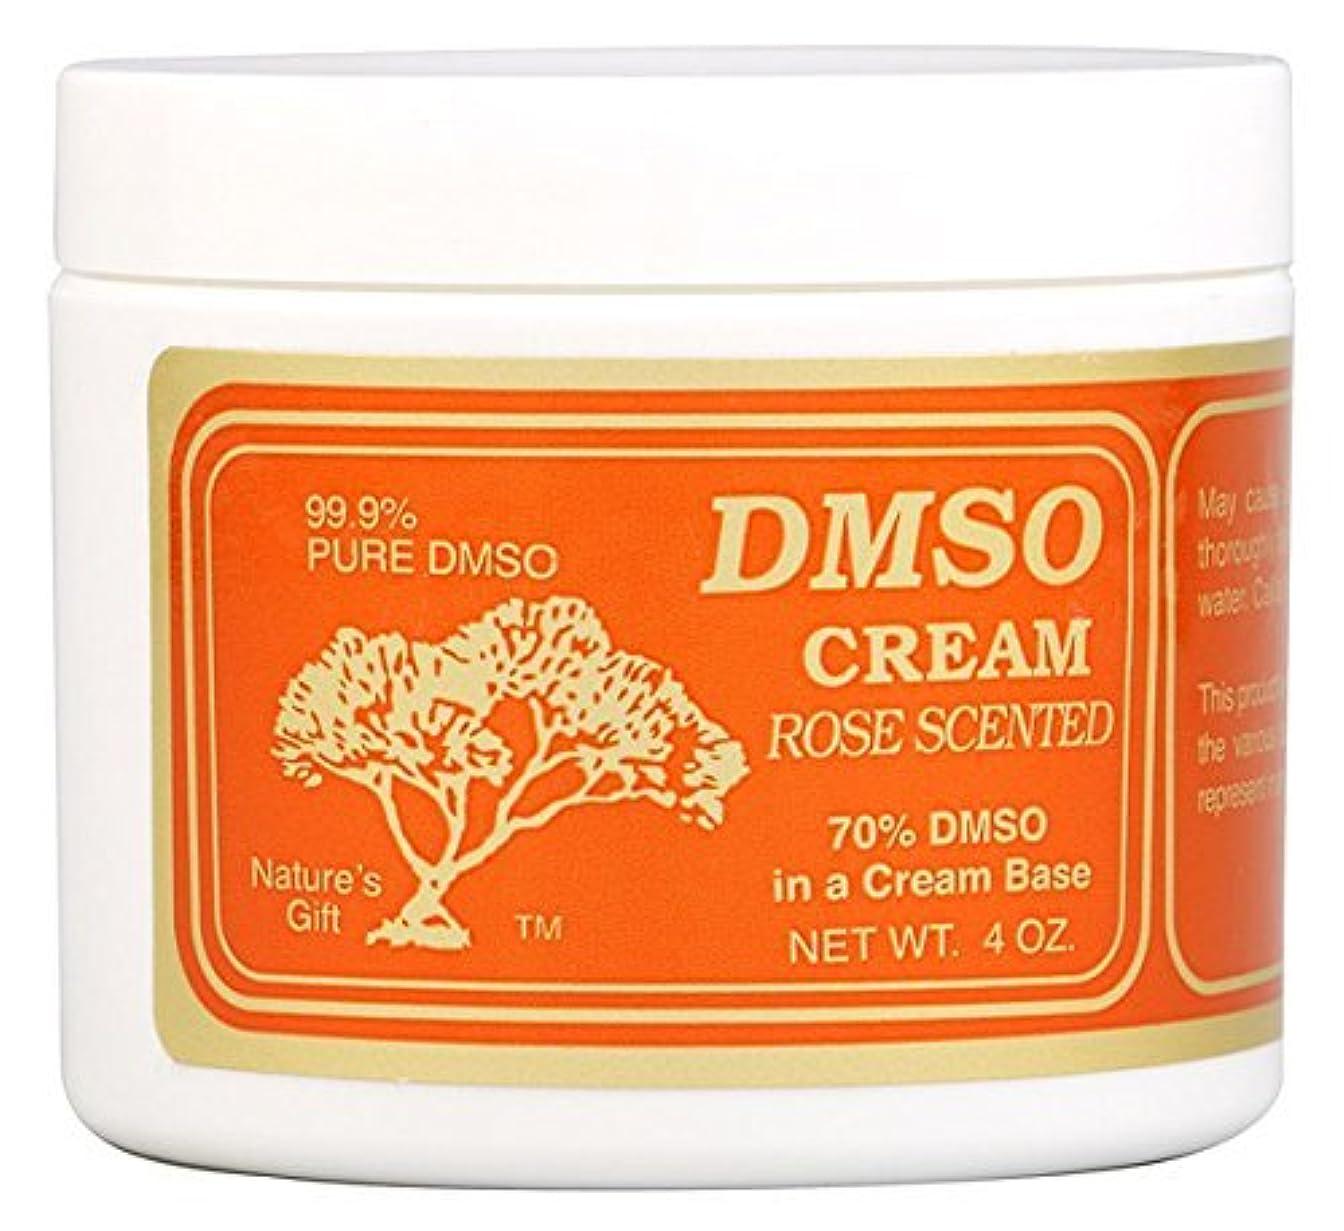 ほこりっぽい内向きスクラップDMSO Cream Rose Scented - 4 oz [並行輸入品]